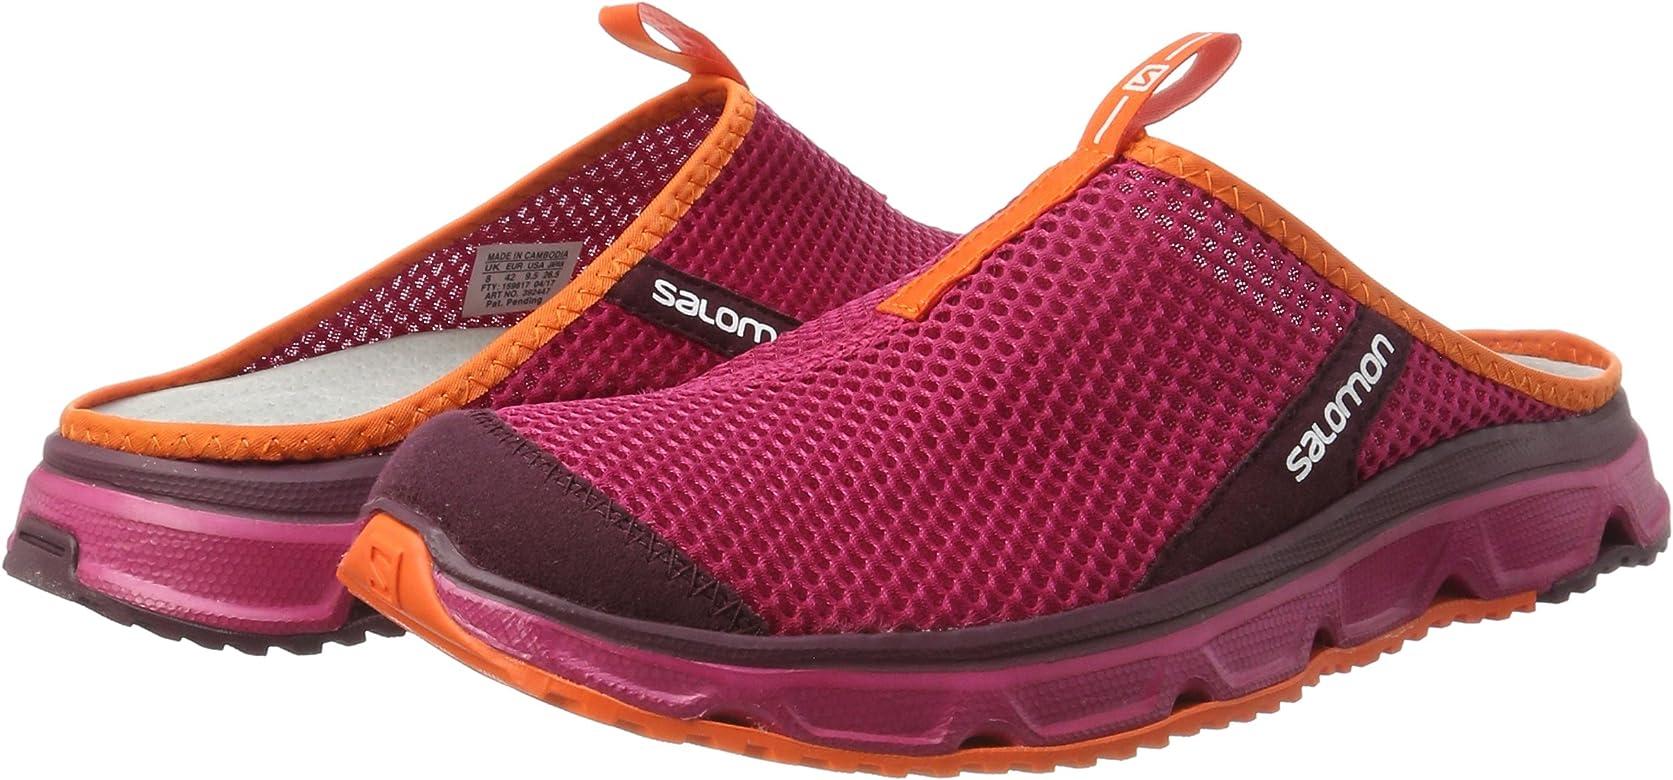 Salomon Rx Slide 3.0 W, Zapatillas de Trail Running Mujer,Sangria/Fig/Flame, 36: Amazon.es: Zapatos y complementos